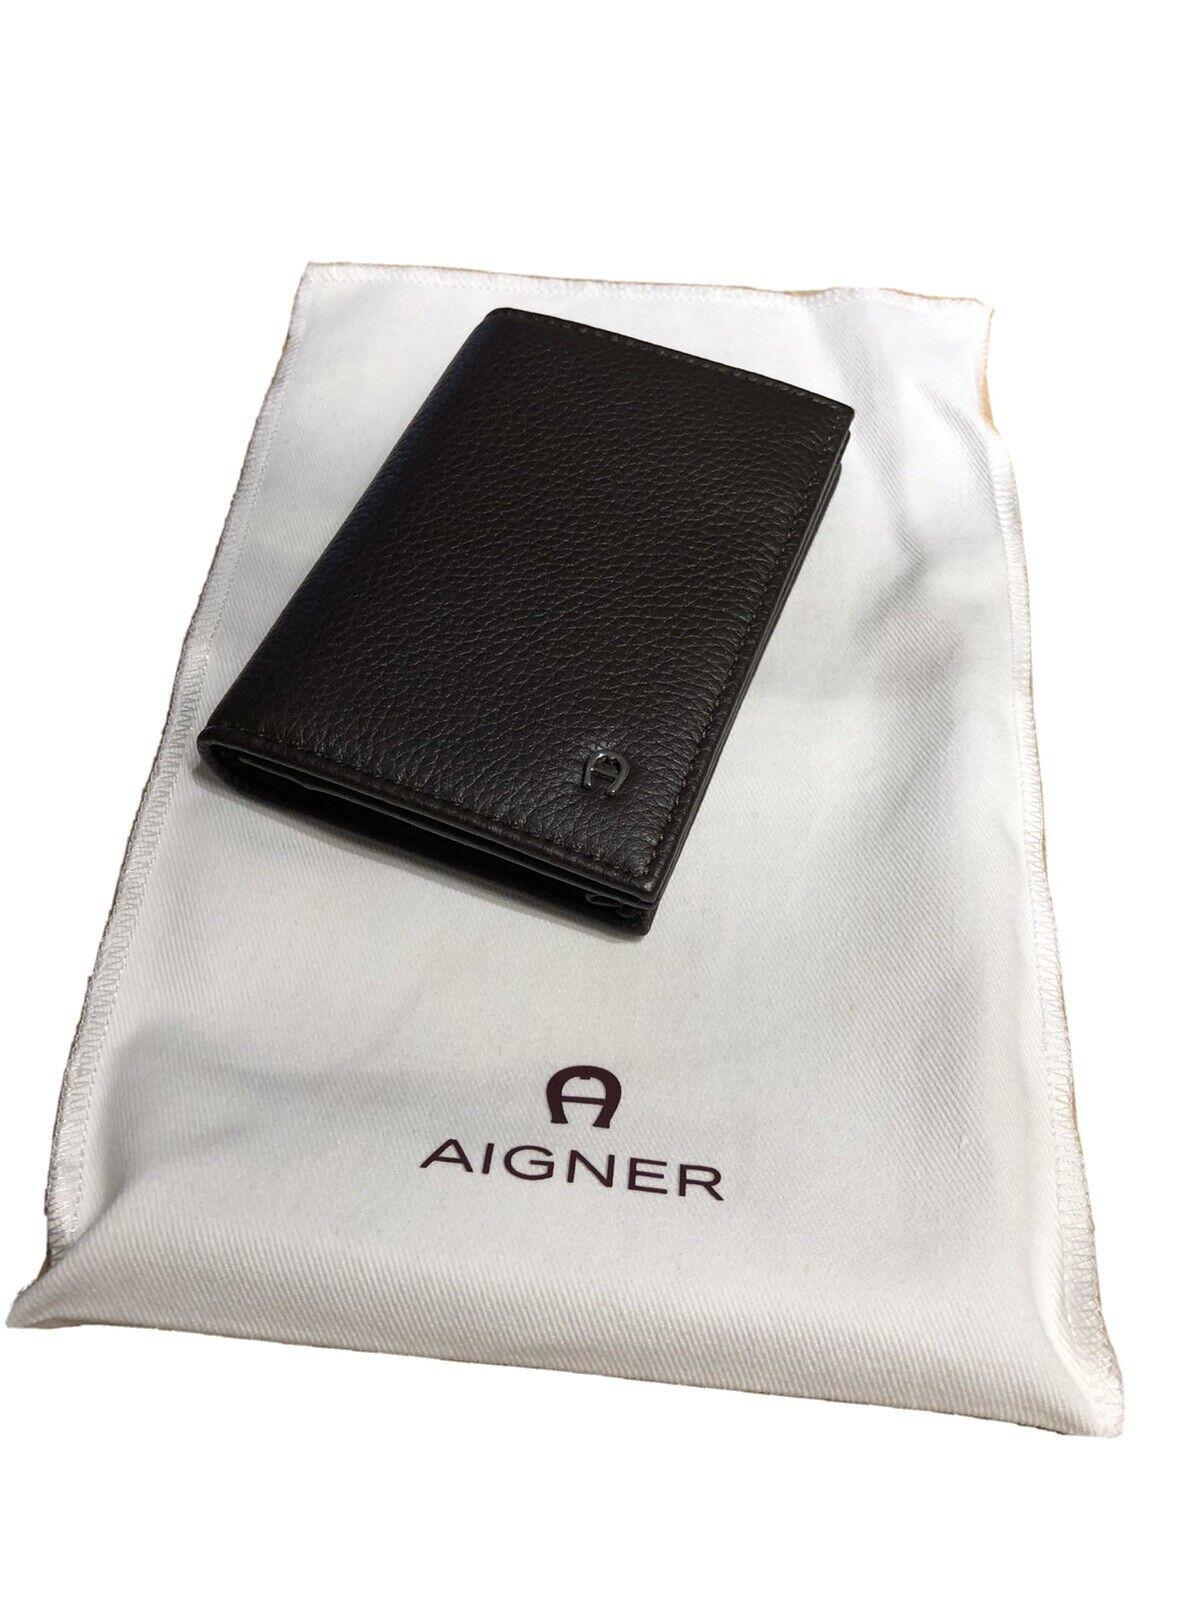 Aigner Purses/Wallet Unisex